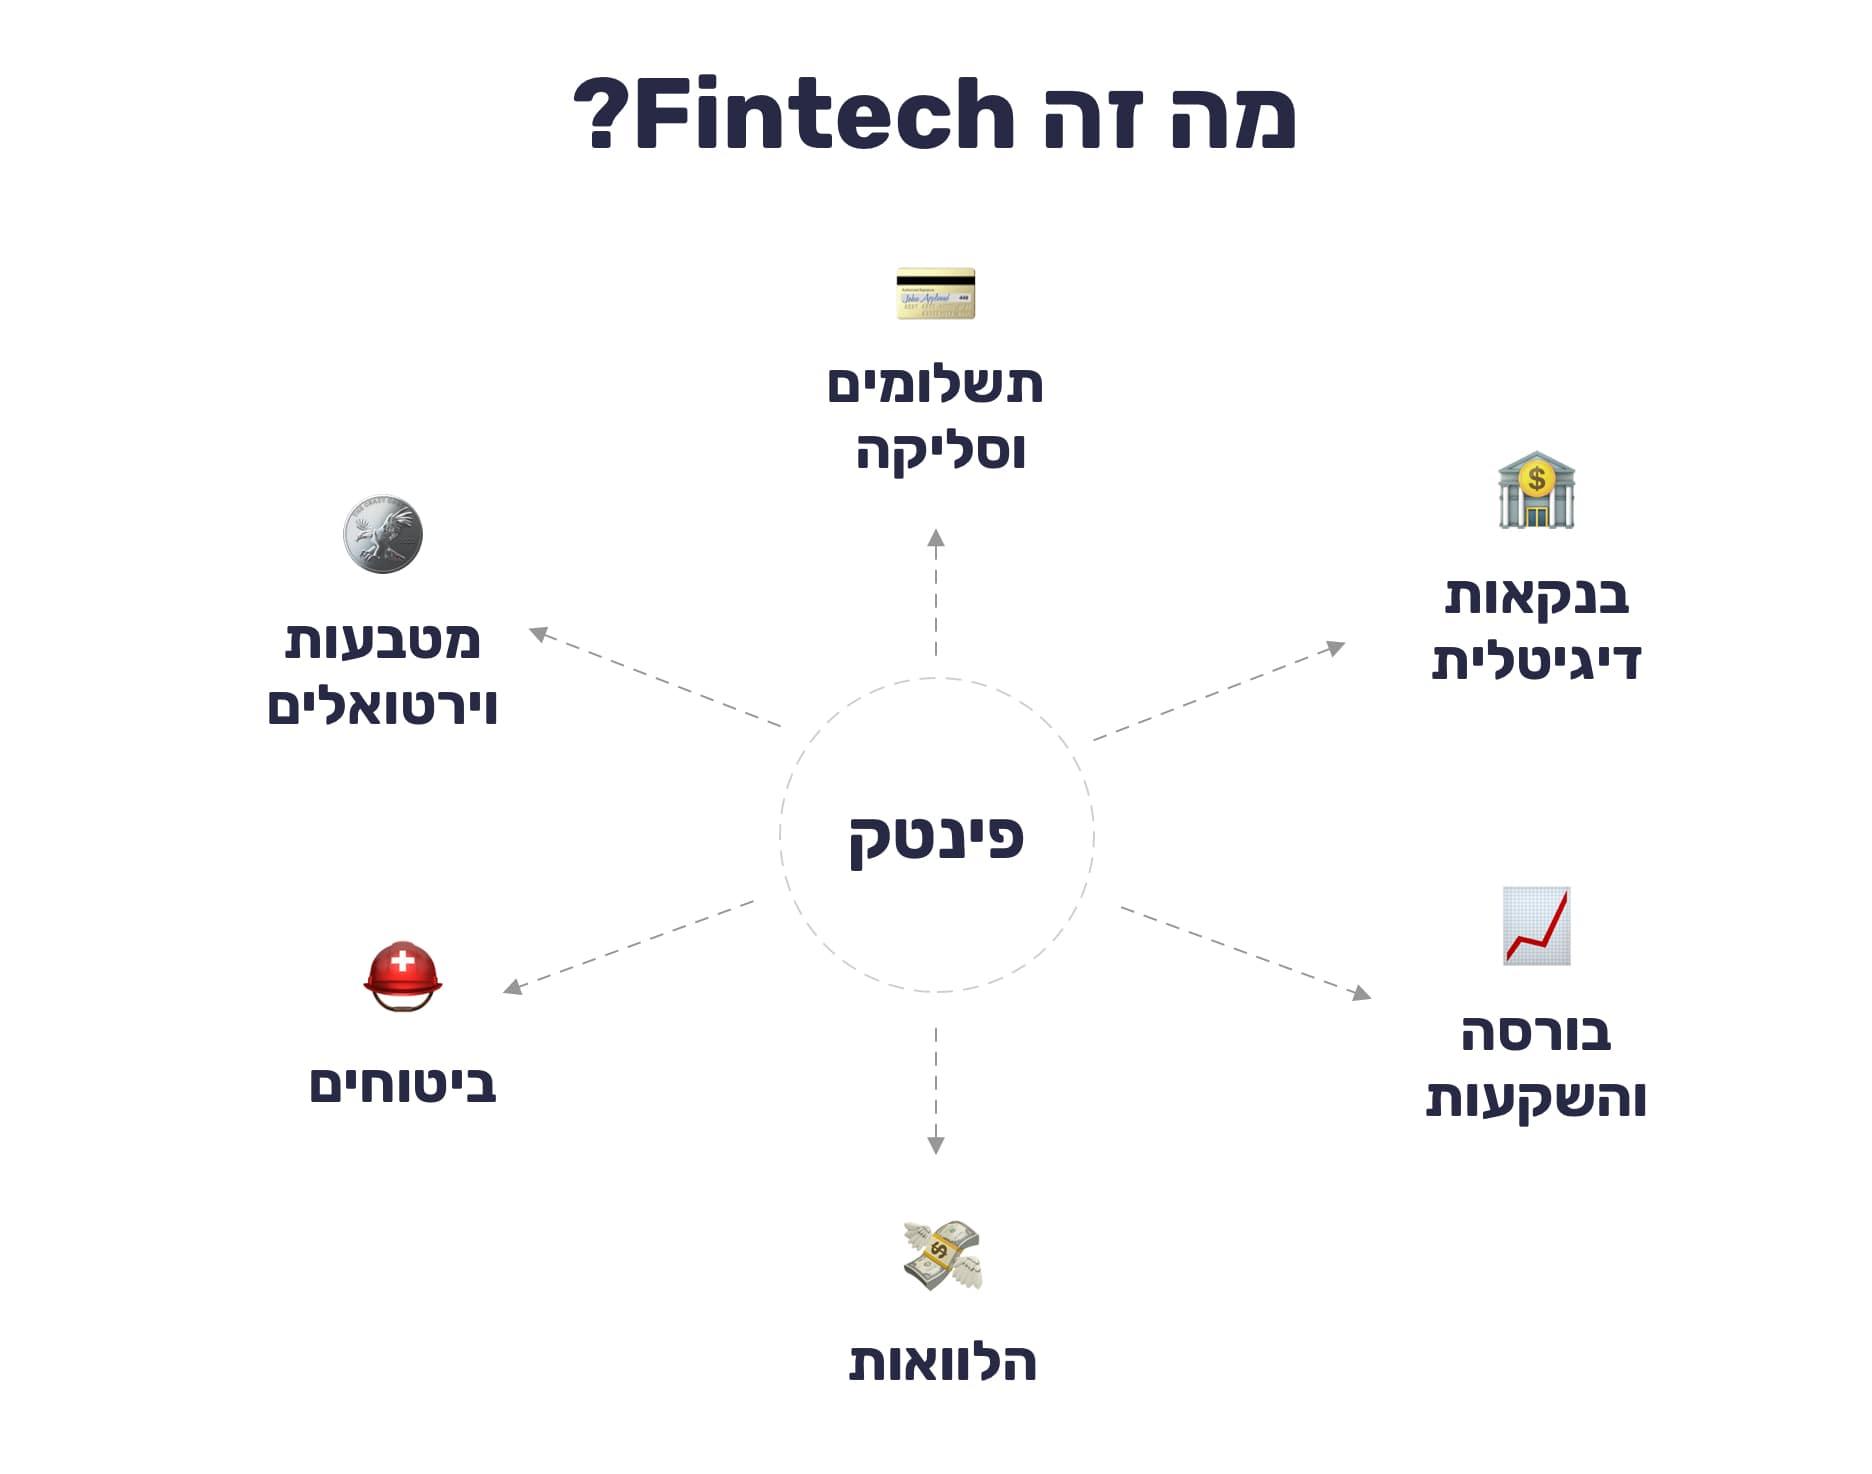 מה זה פינטק? תתי תחומים ב-Fintech